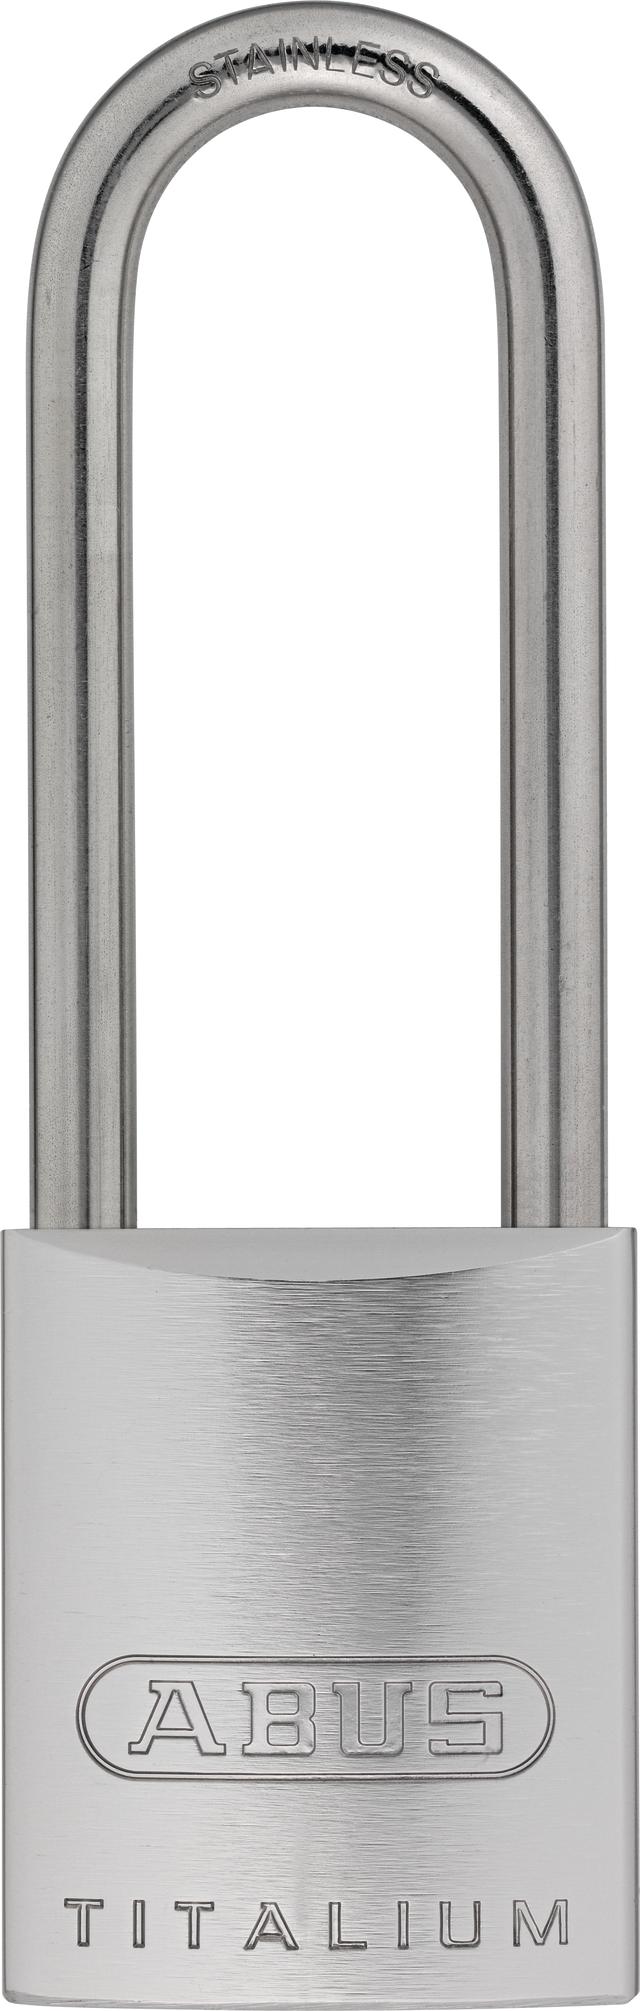 Vorhangschloss 86TIIB/45HB80 ohne Zylinder